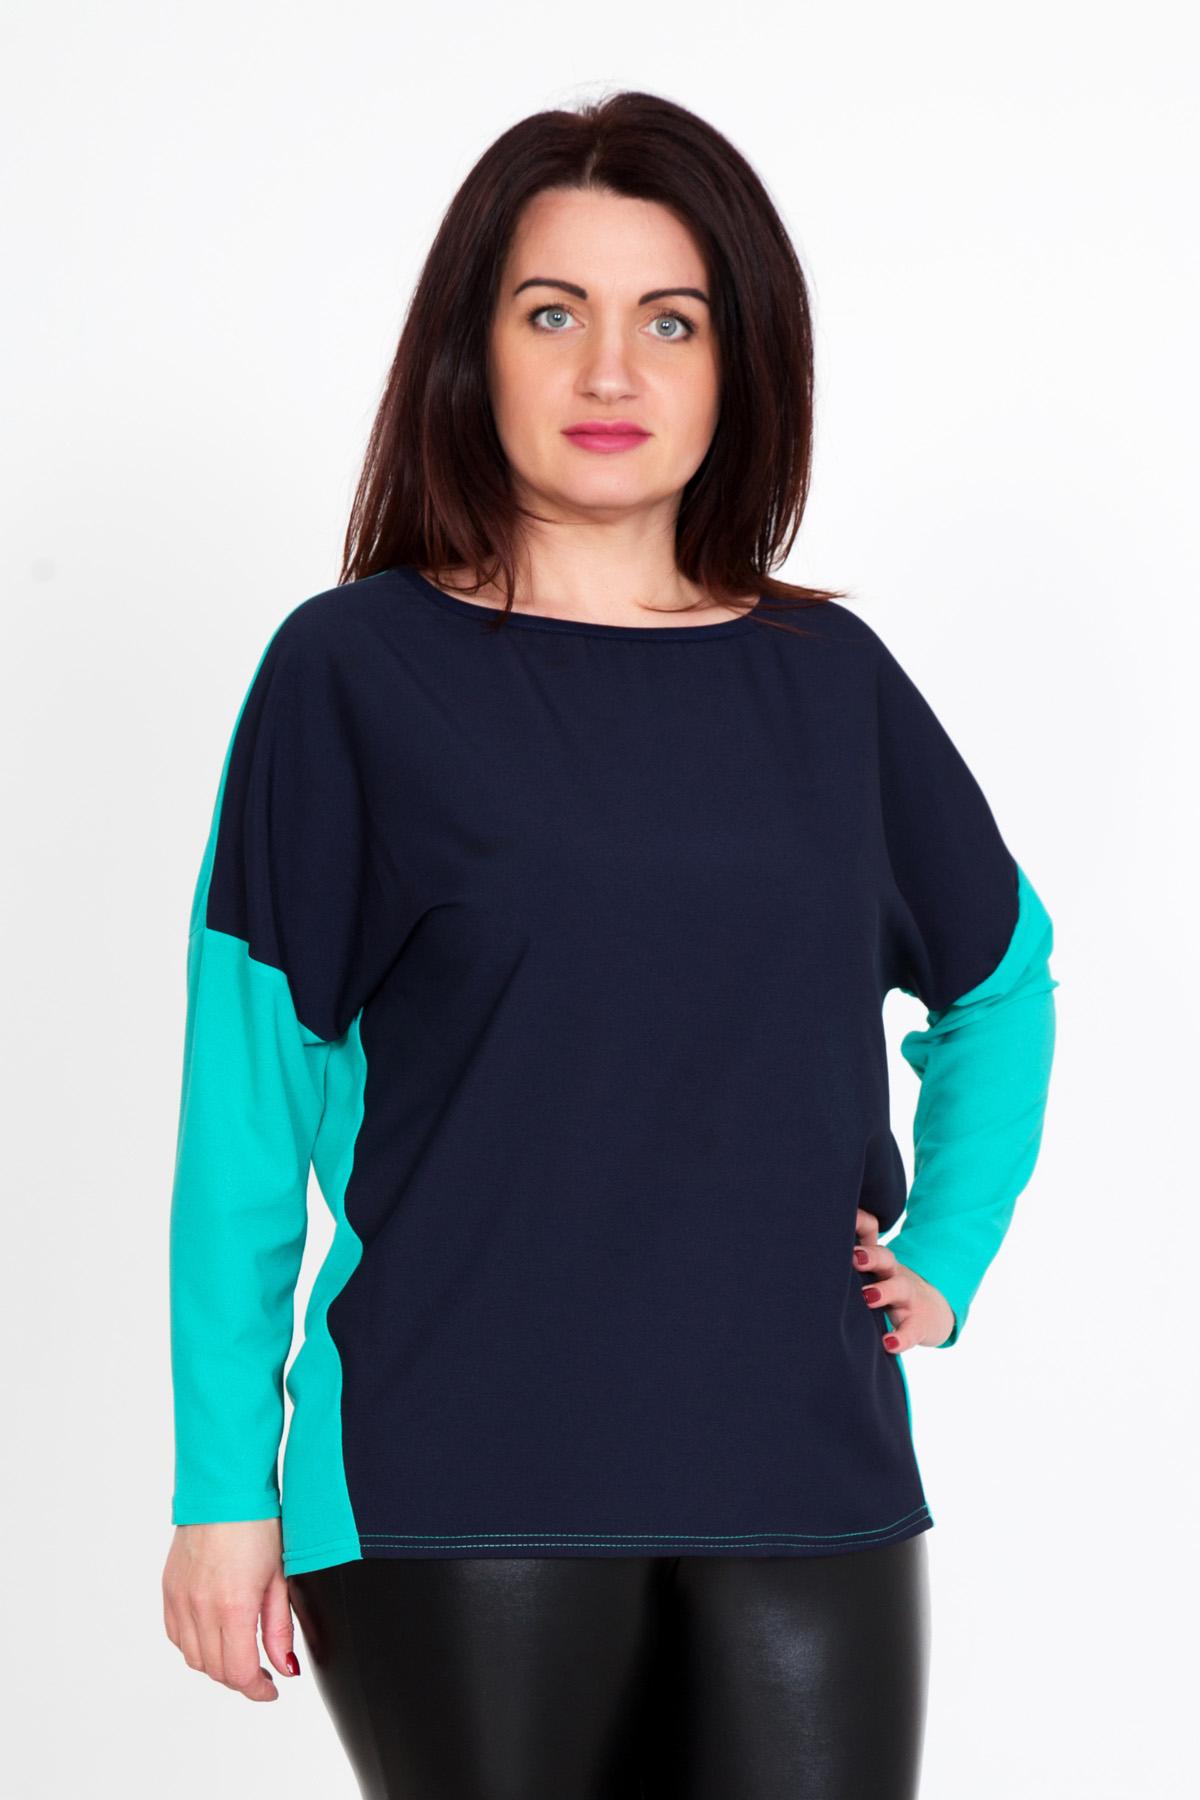 Жен. блуза Наоми р. 52Распродажа женской одежды<br>Обхват груди: 104 см <br>Обхват талии: 85 см <br>Обхват бедер: 112 см <br>Длина по спинке: 67 см <br>Рост: 167 см<br><br>Тип: Жен. блуза<br>Размер: 52<br>Материал: Креп